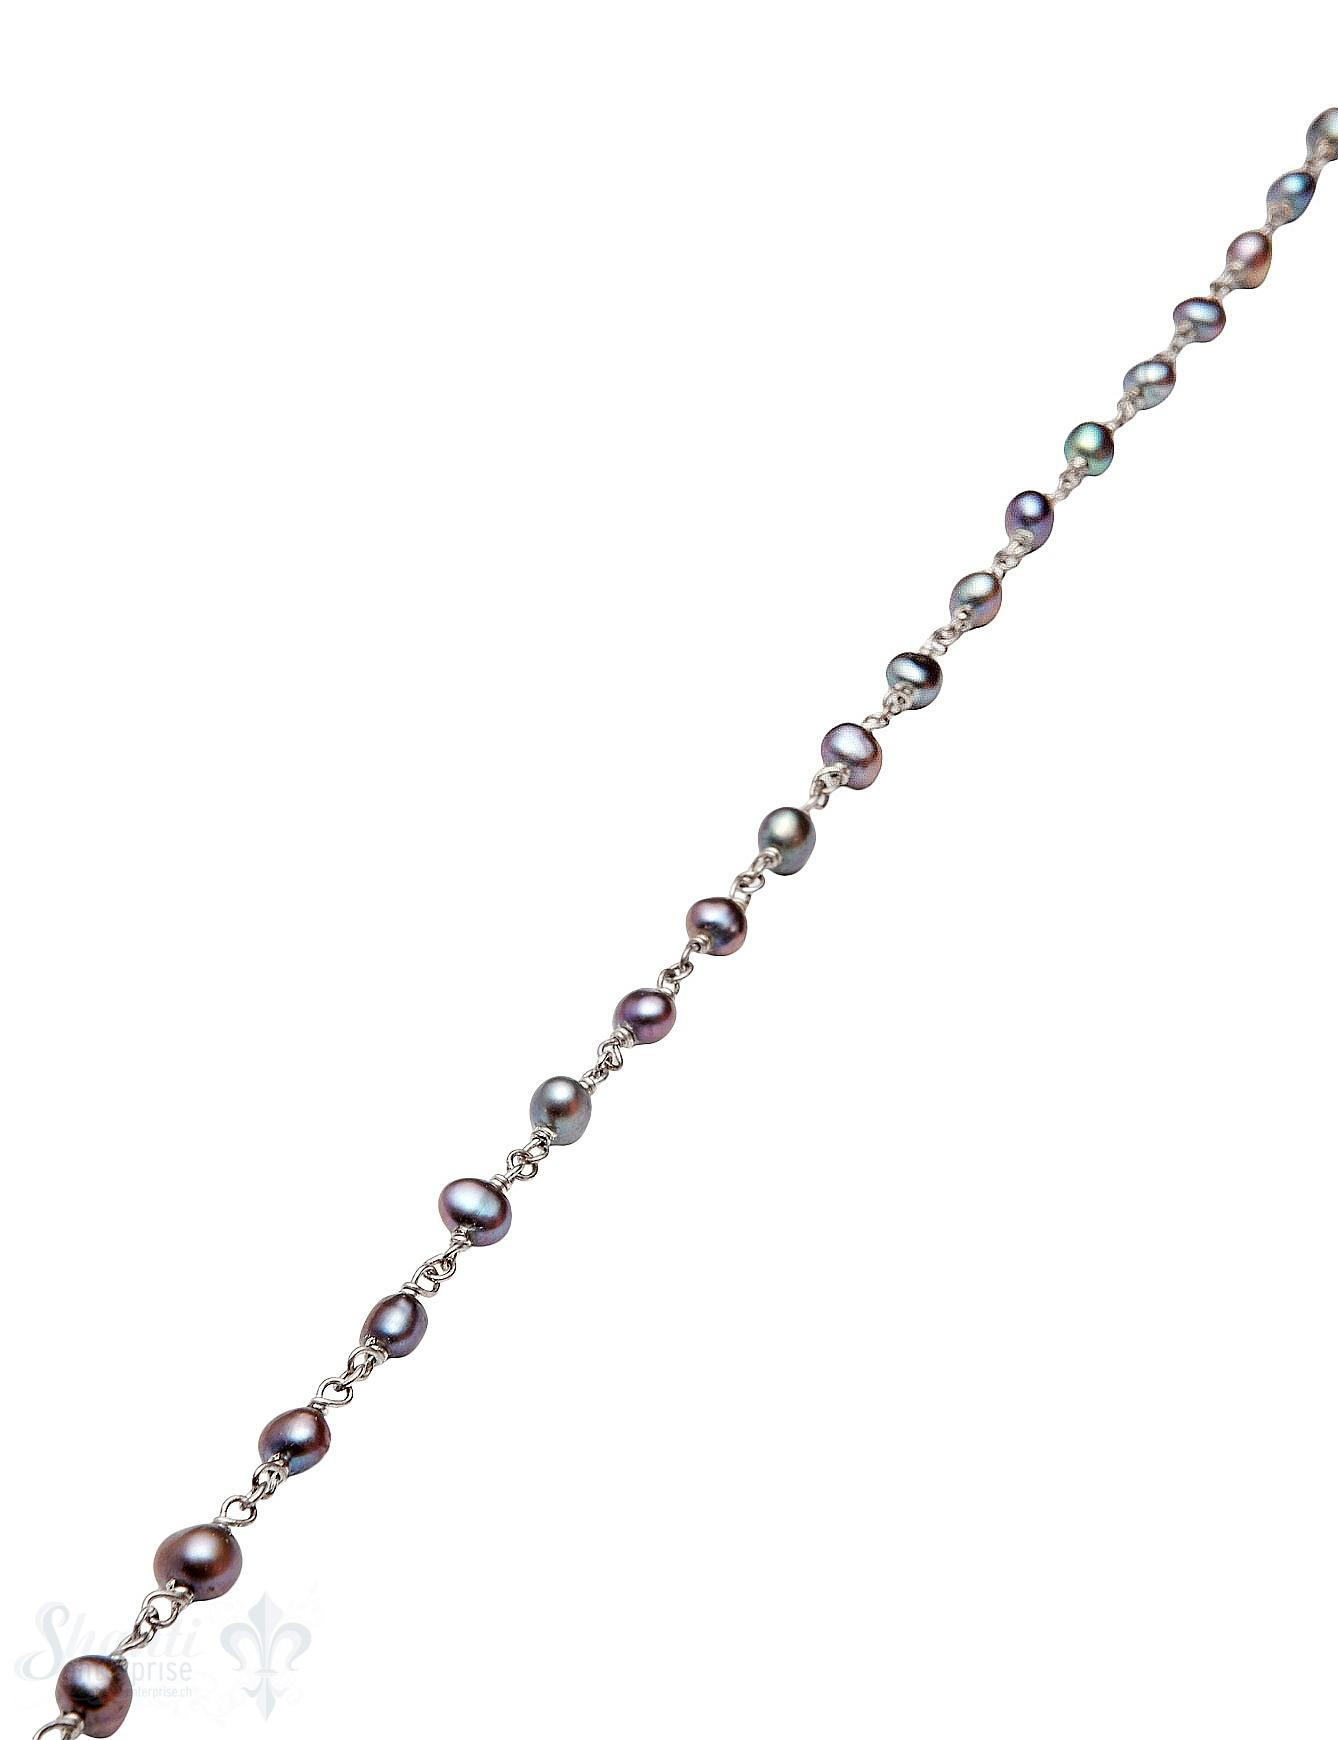 Rosenkranzkette Perlen schwarz 5 mm rund poliert